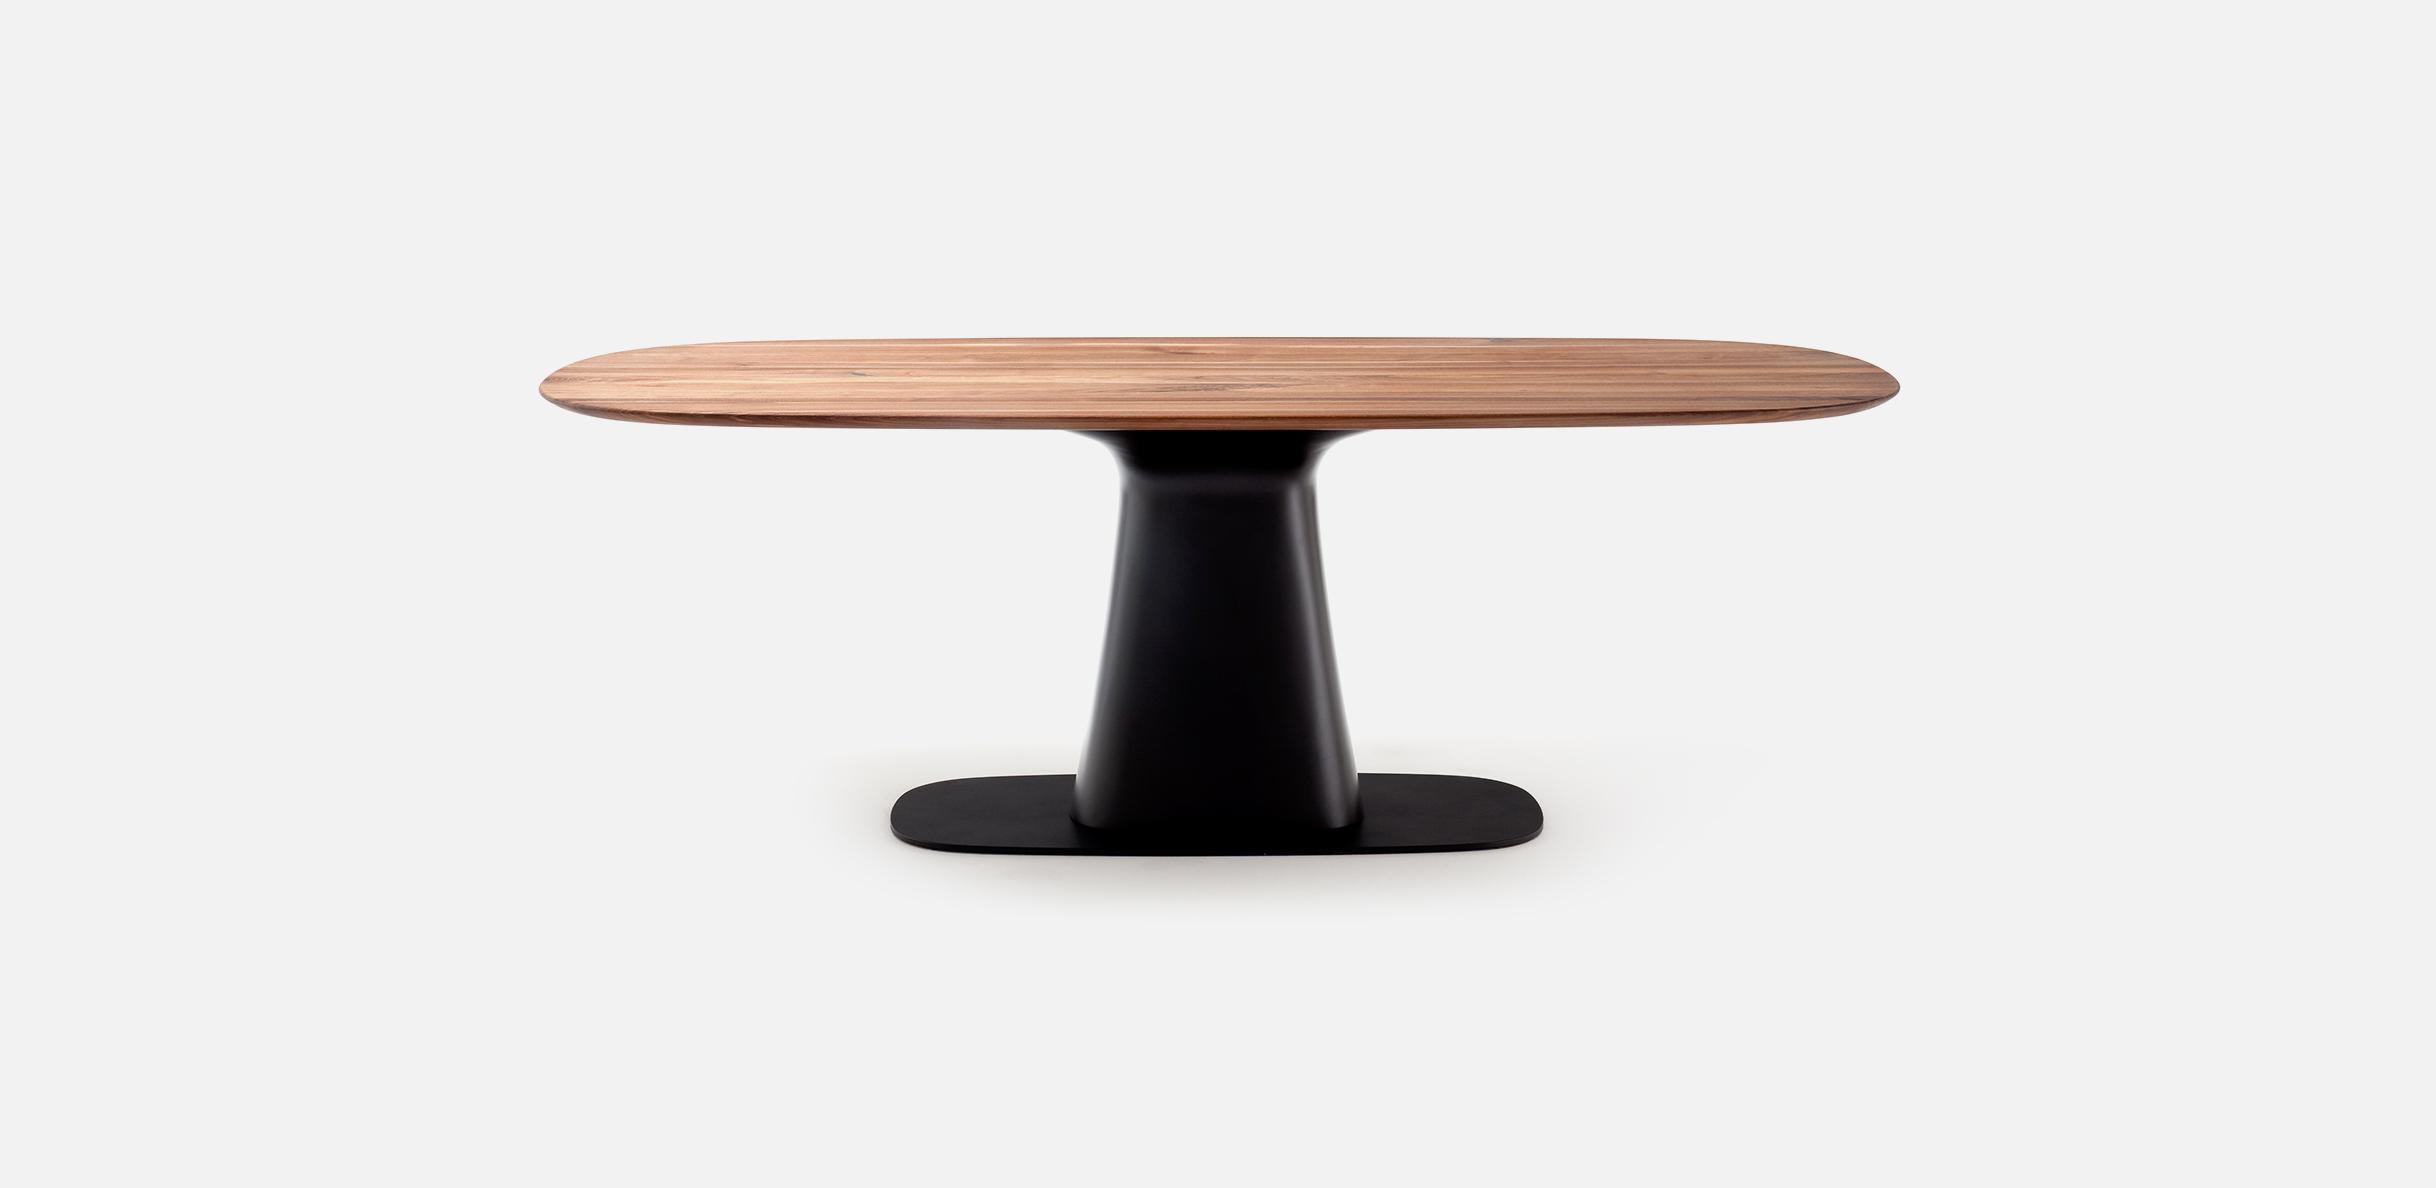 rolf benz tisch rolf benz tisch h ls die einrichtung rolf benz tisch rolf benz tisch h ls die. Black Bedroom Furniture Sets. Home Design Ideas